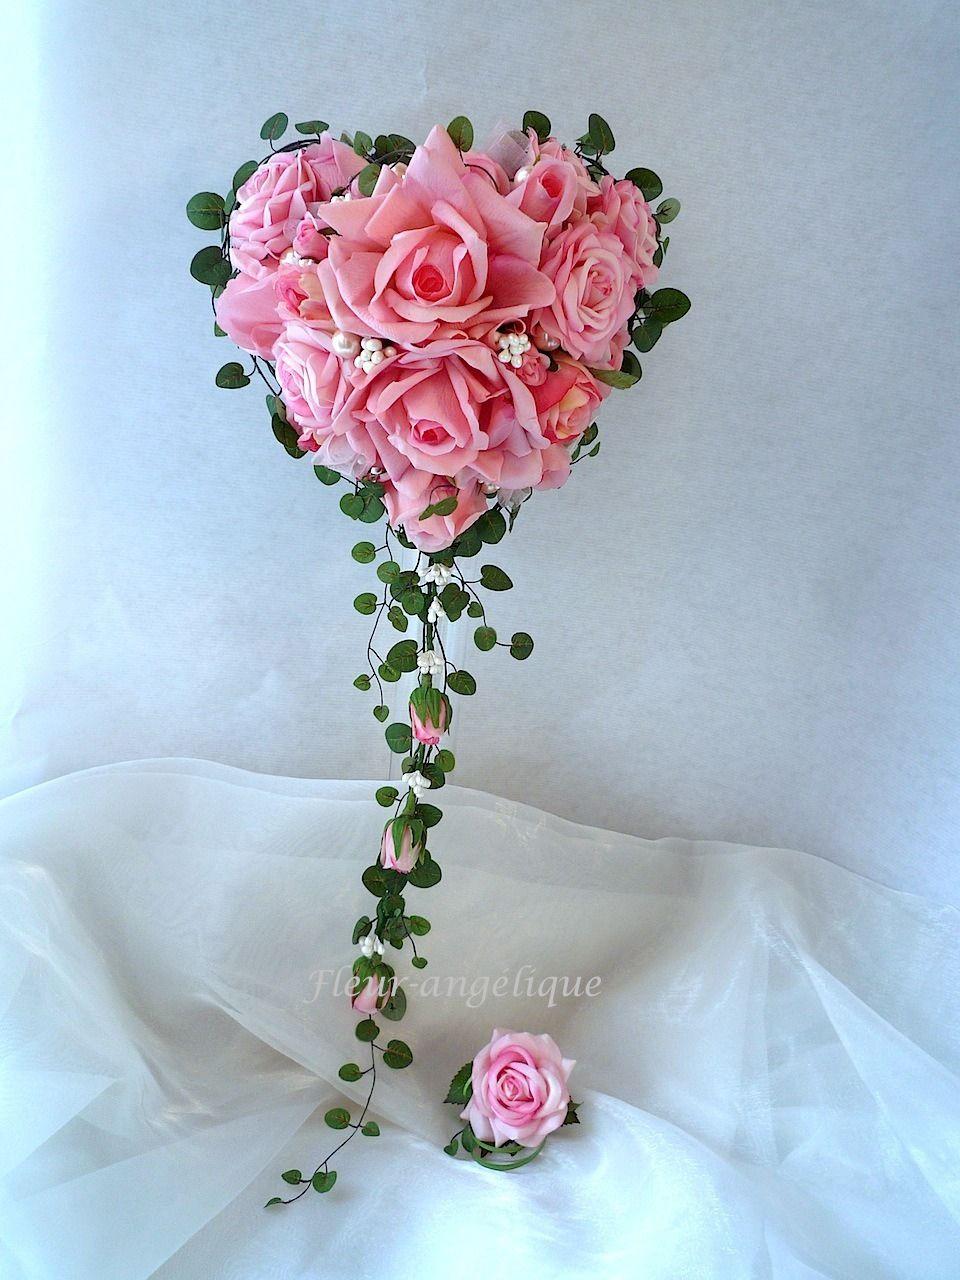 Bouquet de mari e rose la forme de coeur perle rose fleur artificielle pour mariage autres - Bouquet de roses en forme de coeur ...